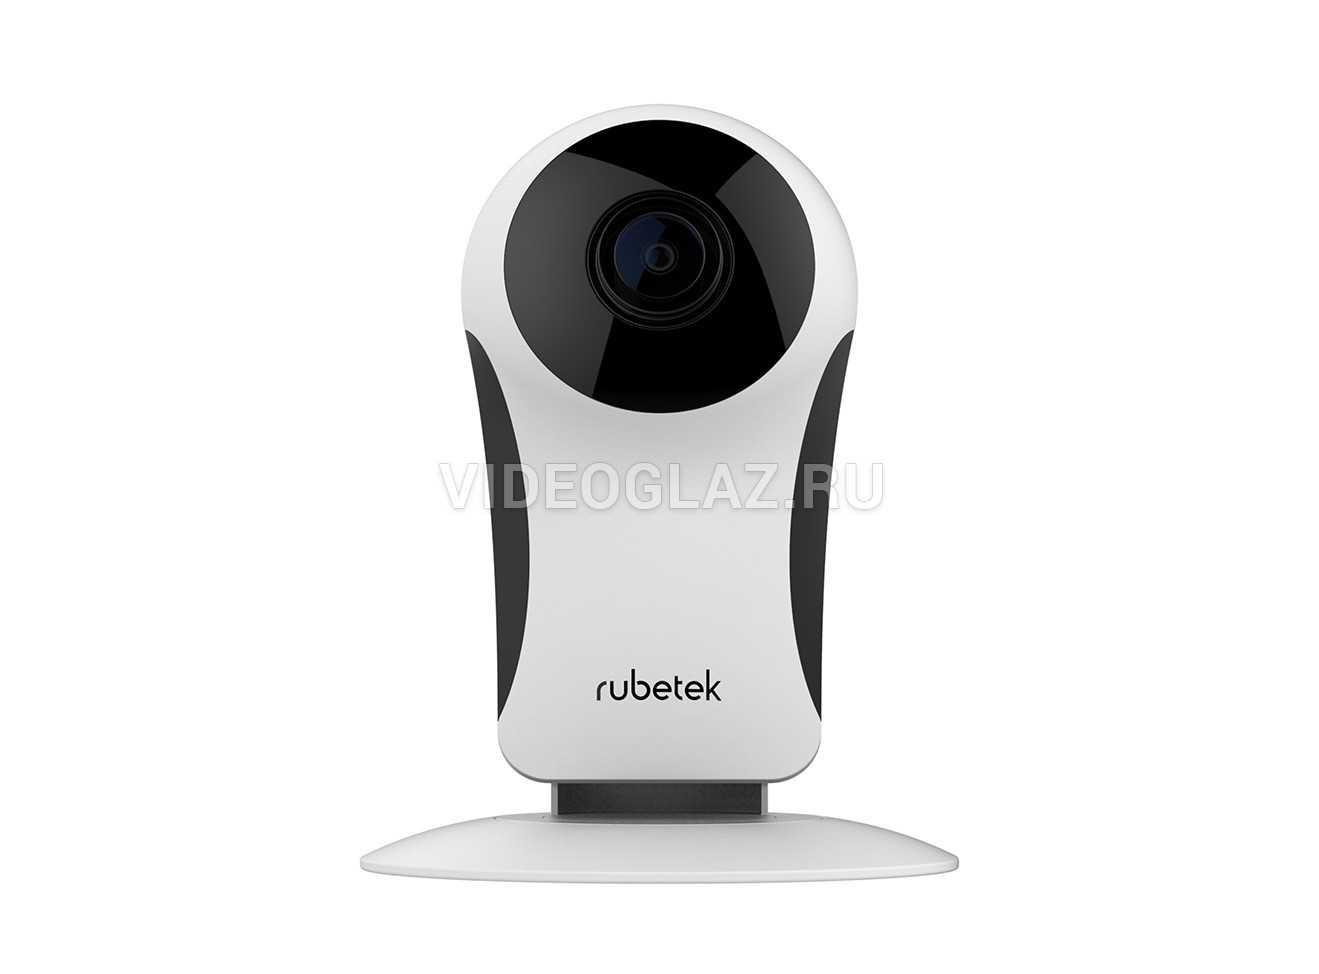 Видеокамера Rubetek RV-3410